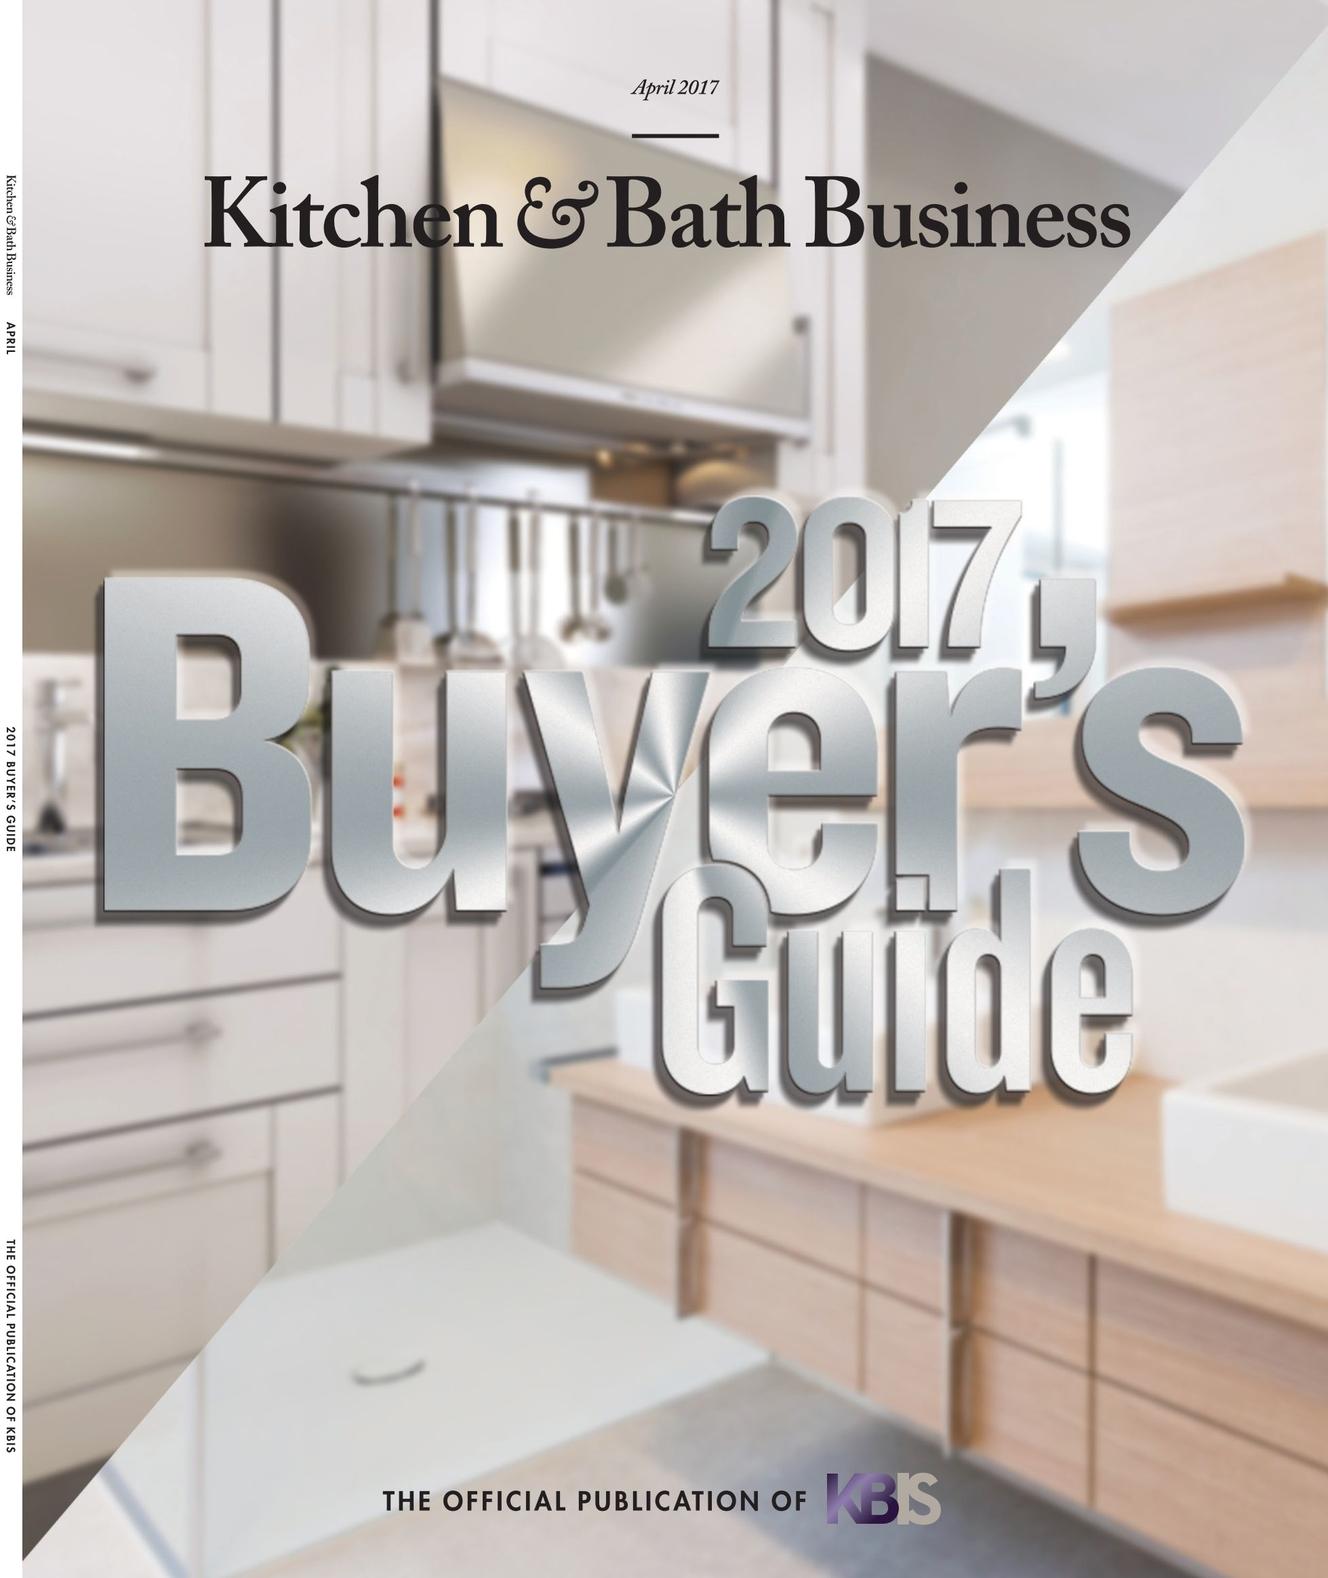 Kitchen & Bath Business - April 2017